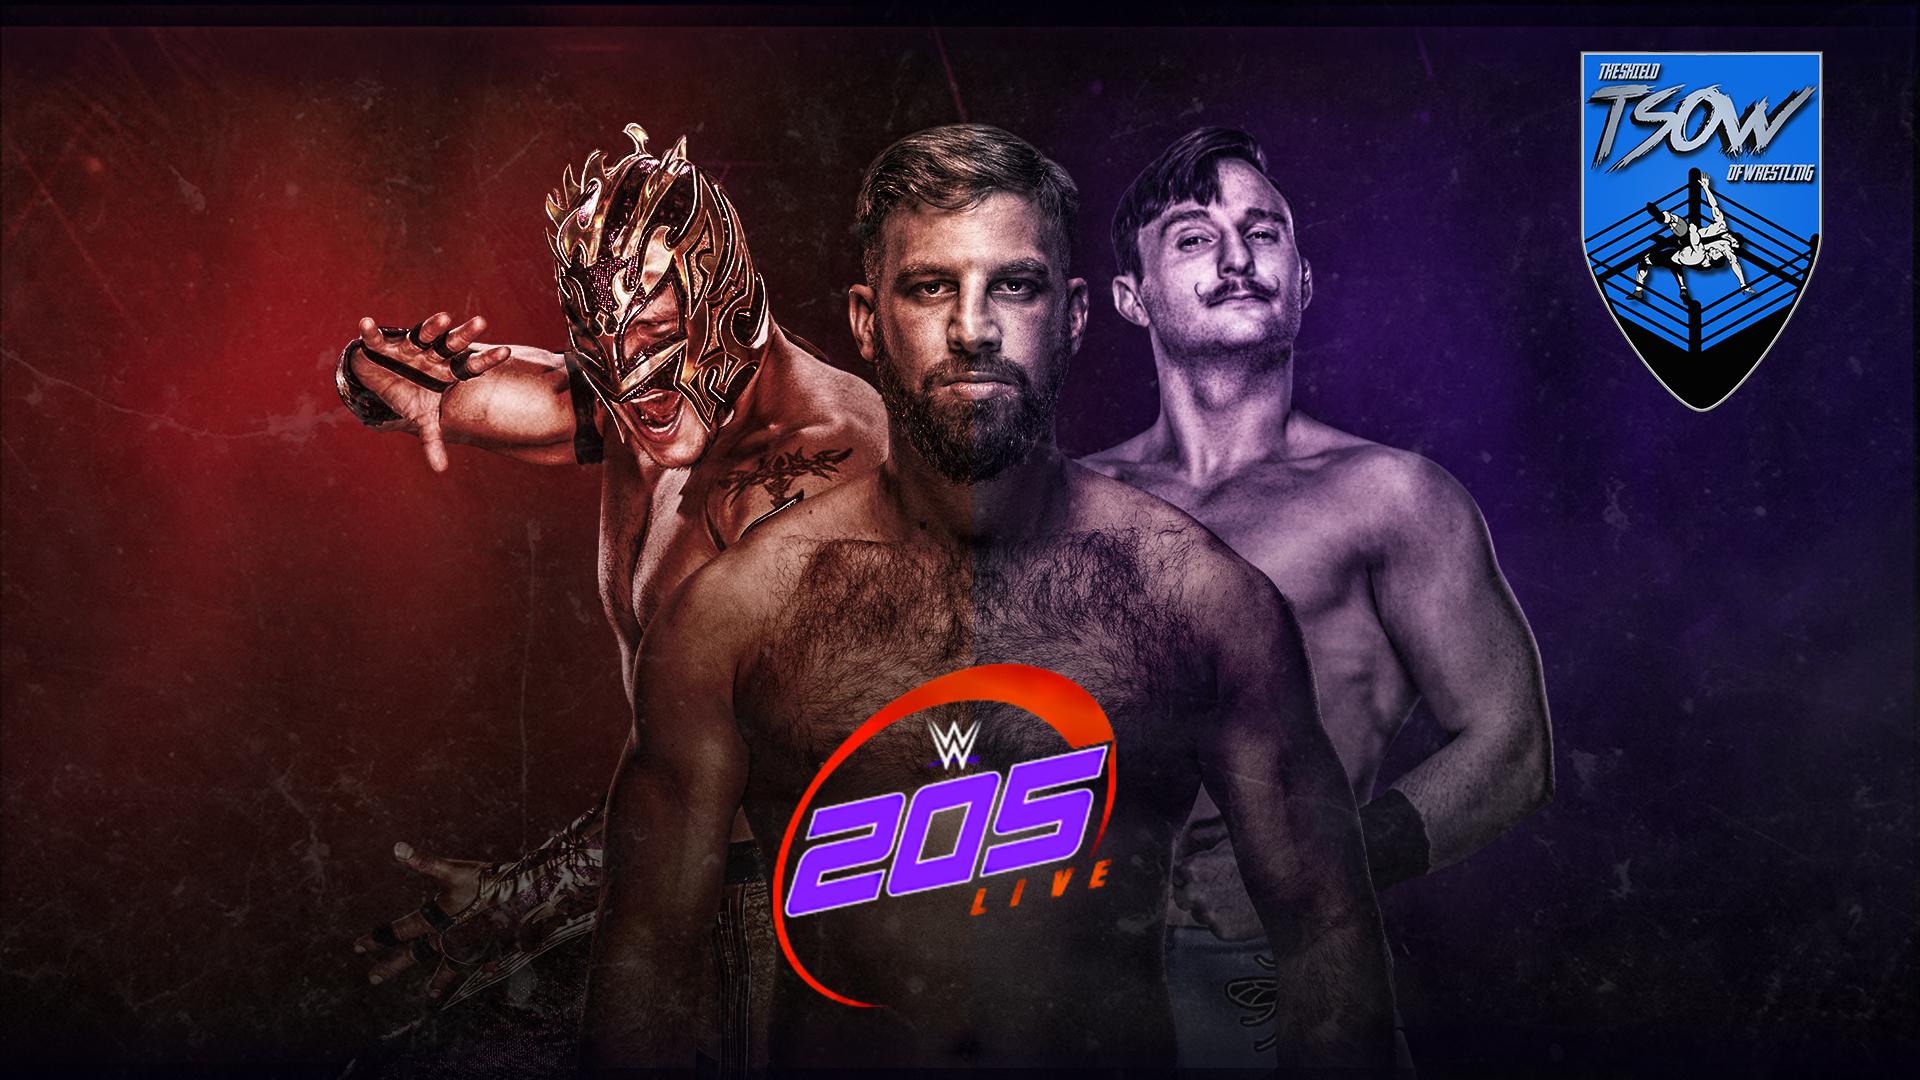 205 Live 17-09-2019 - 205 live